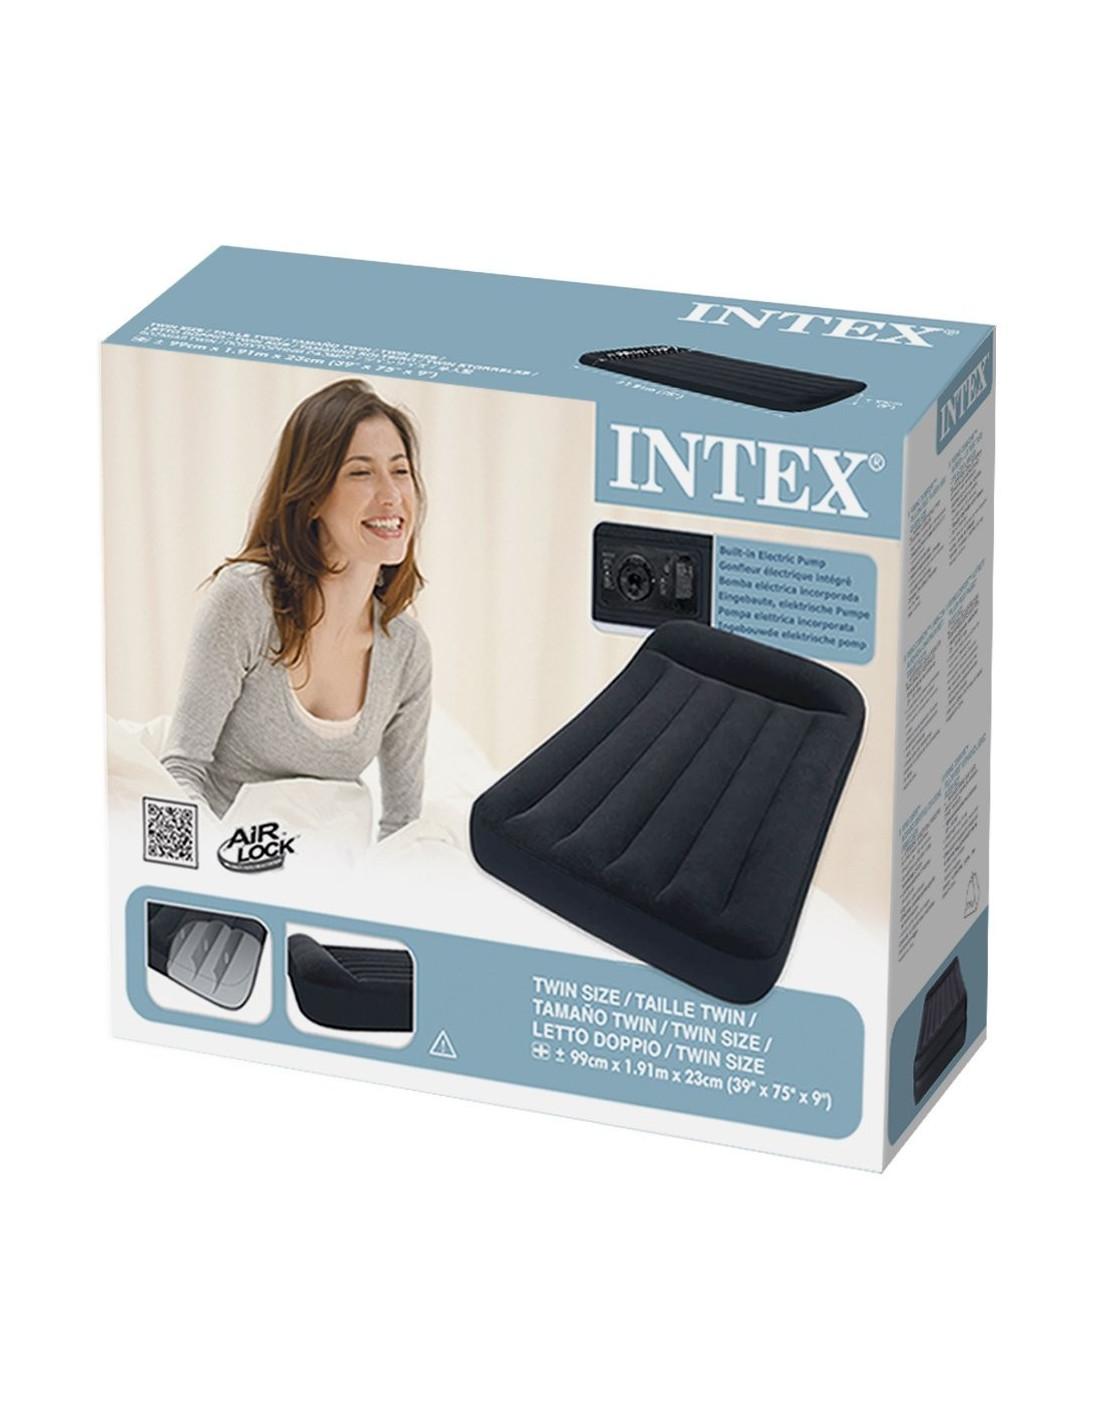 Intex matelas lit gonflable lectrique pillow rest 1 place 99 x 191 x 30 cm - Lit gonflable electrique ...